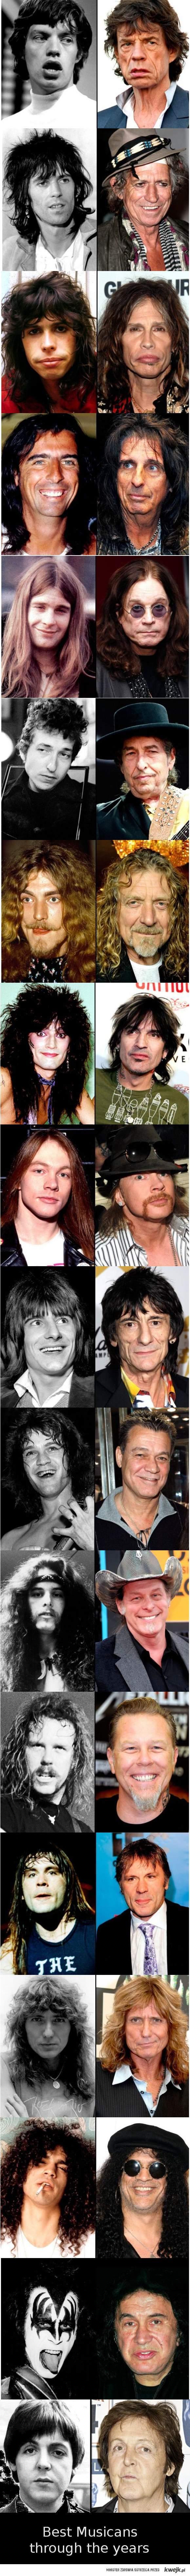 Muzycy przez lata